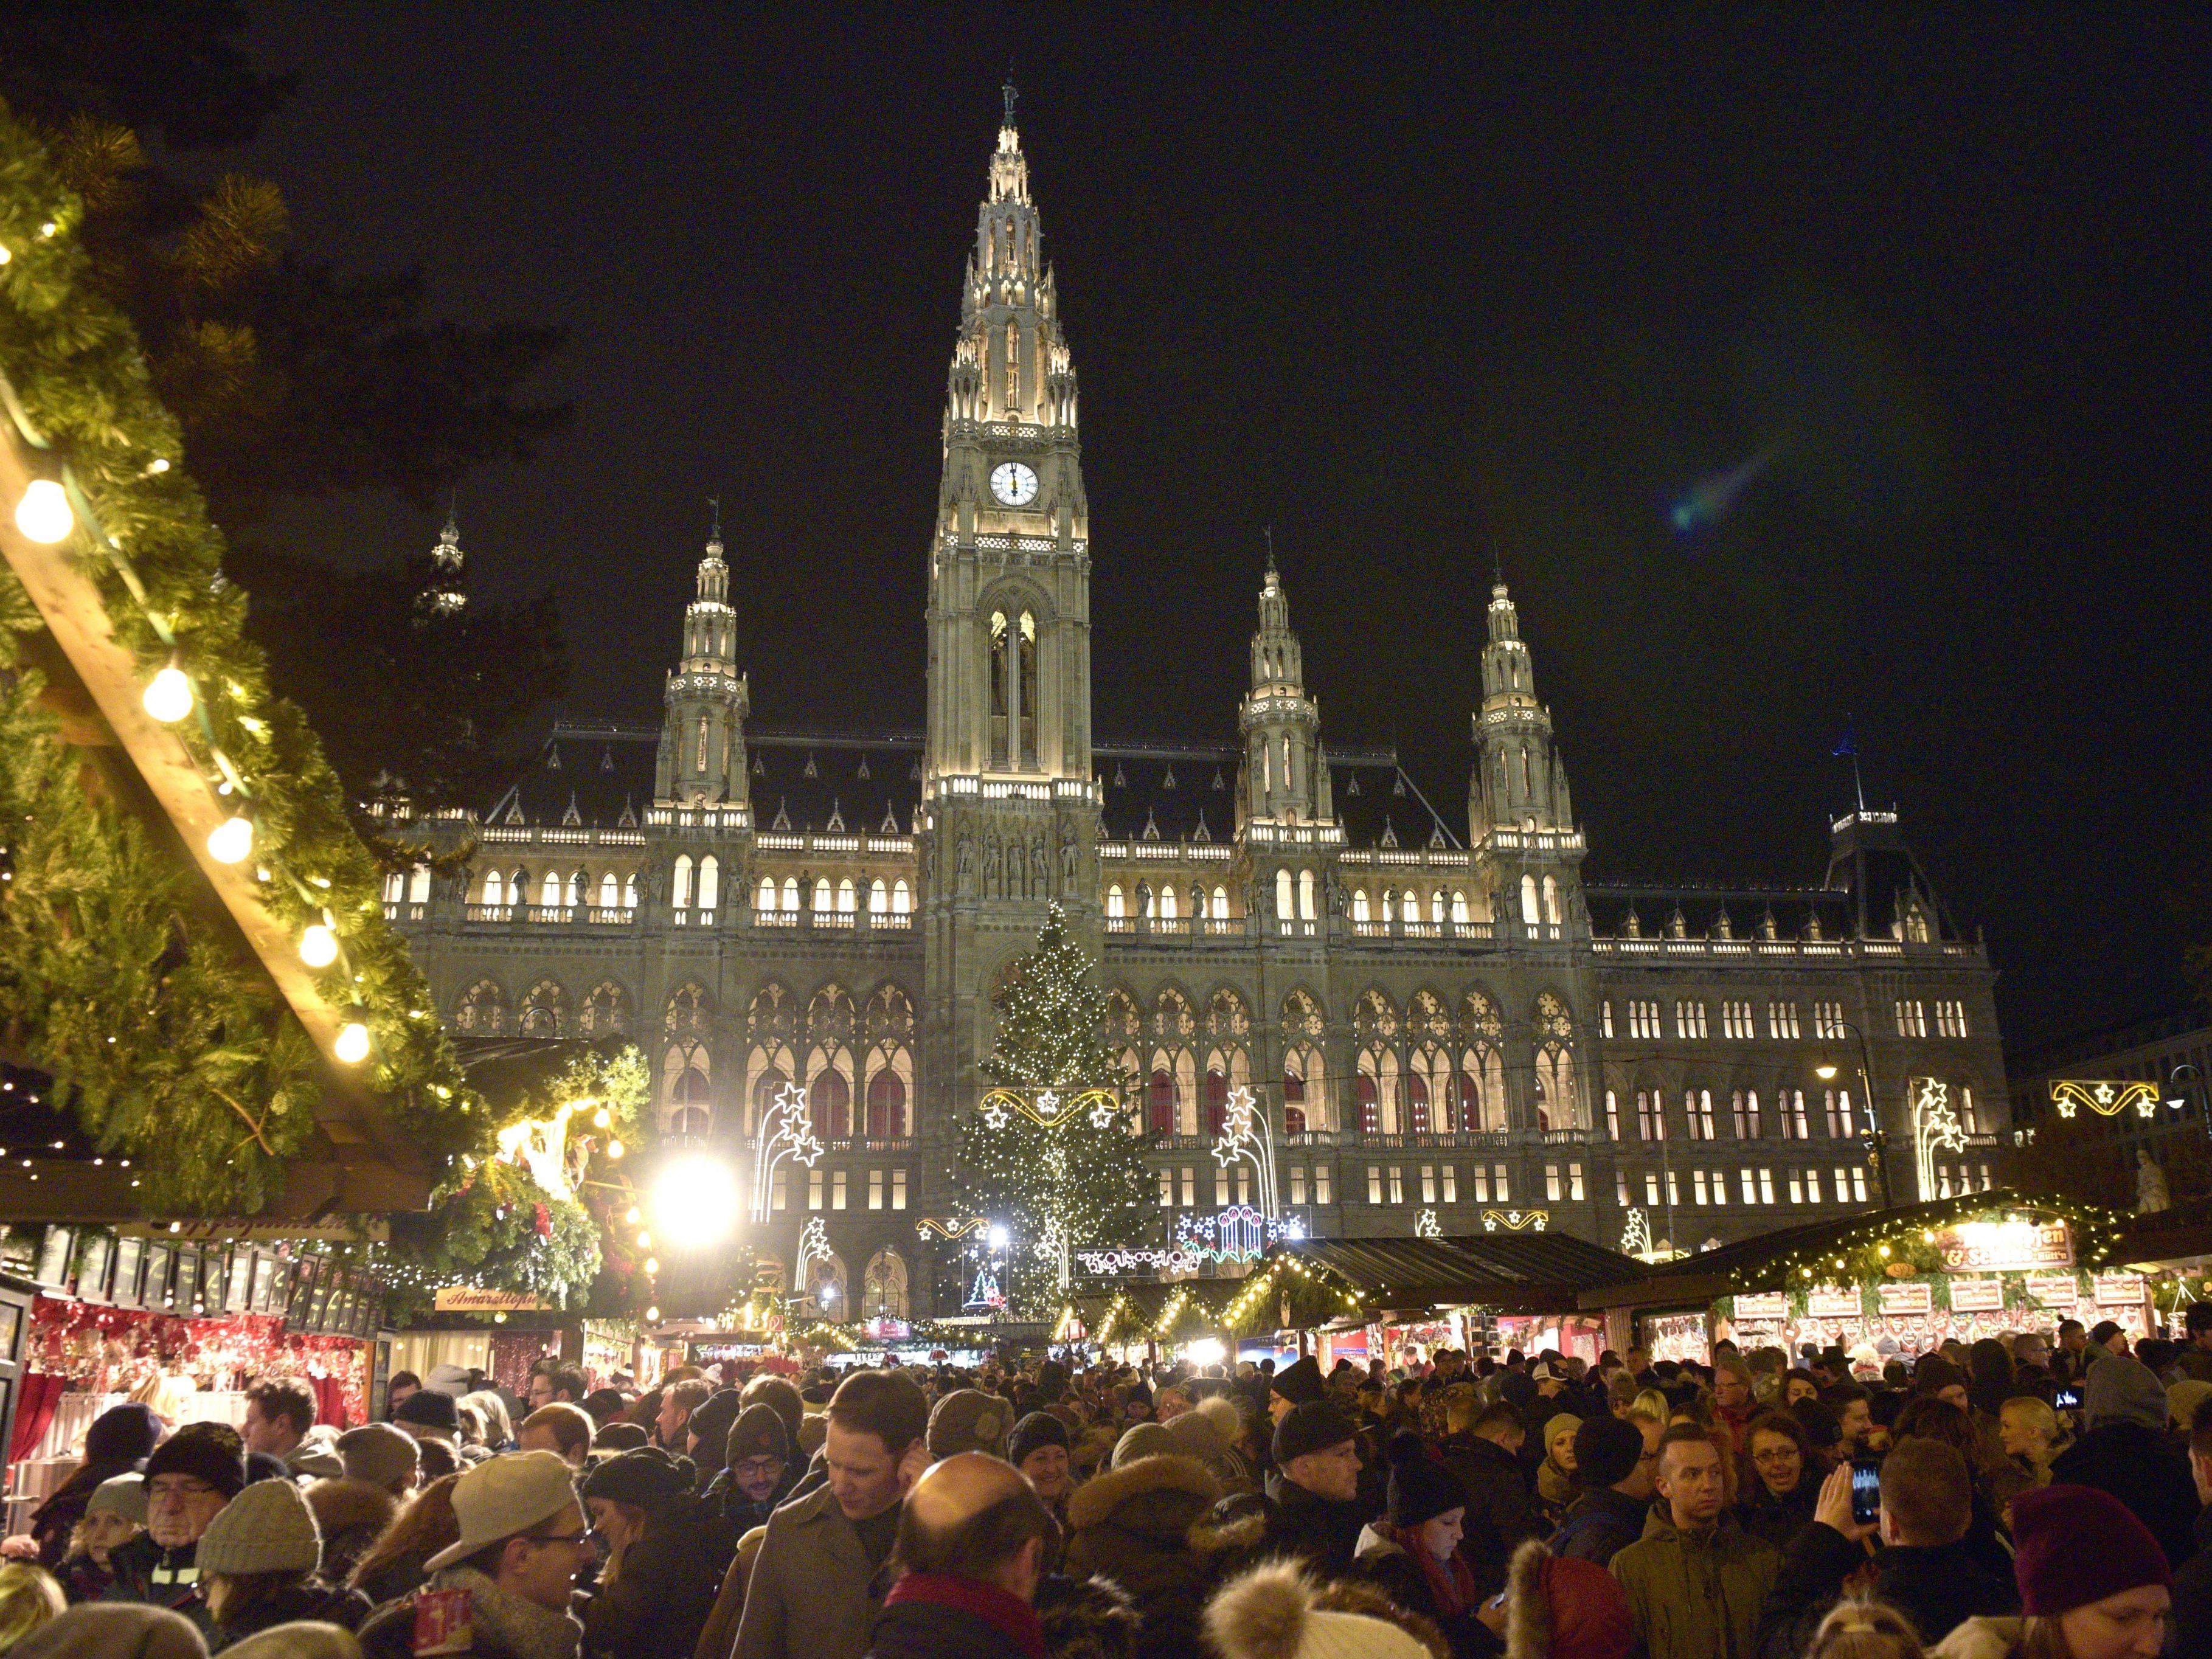 Nach einem Besuch beim Christkindlmarkt auf dem Wiener Rathausplatz kam es zu dem tödlichen Busunglück